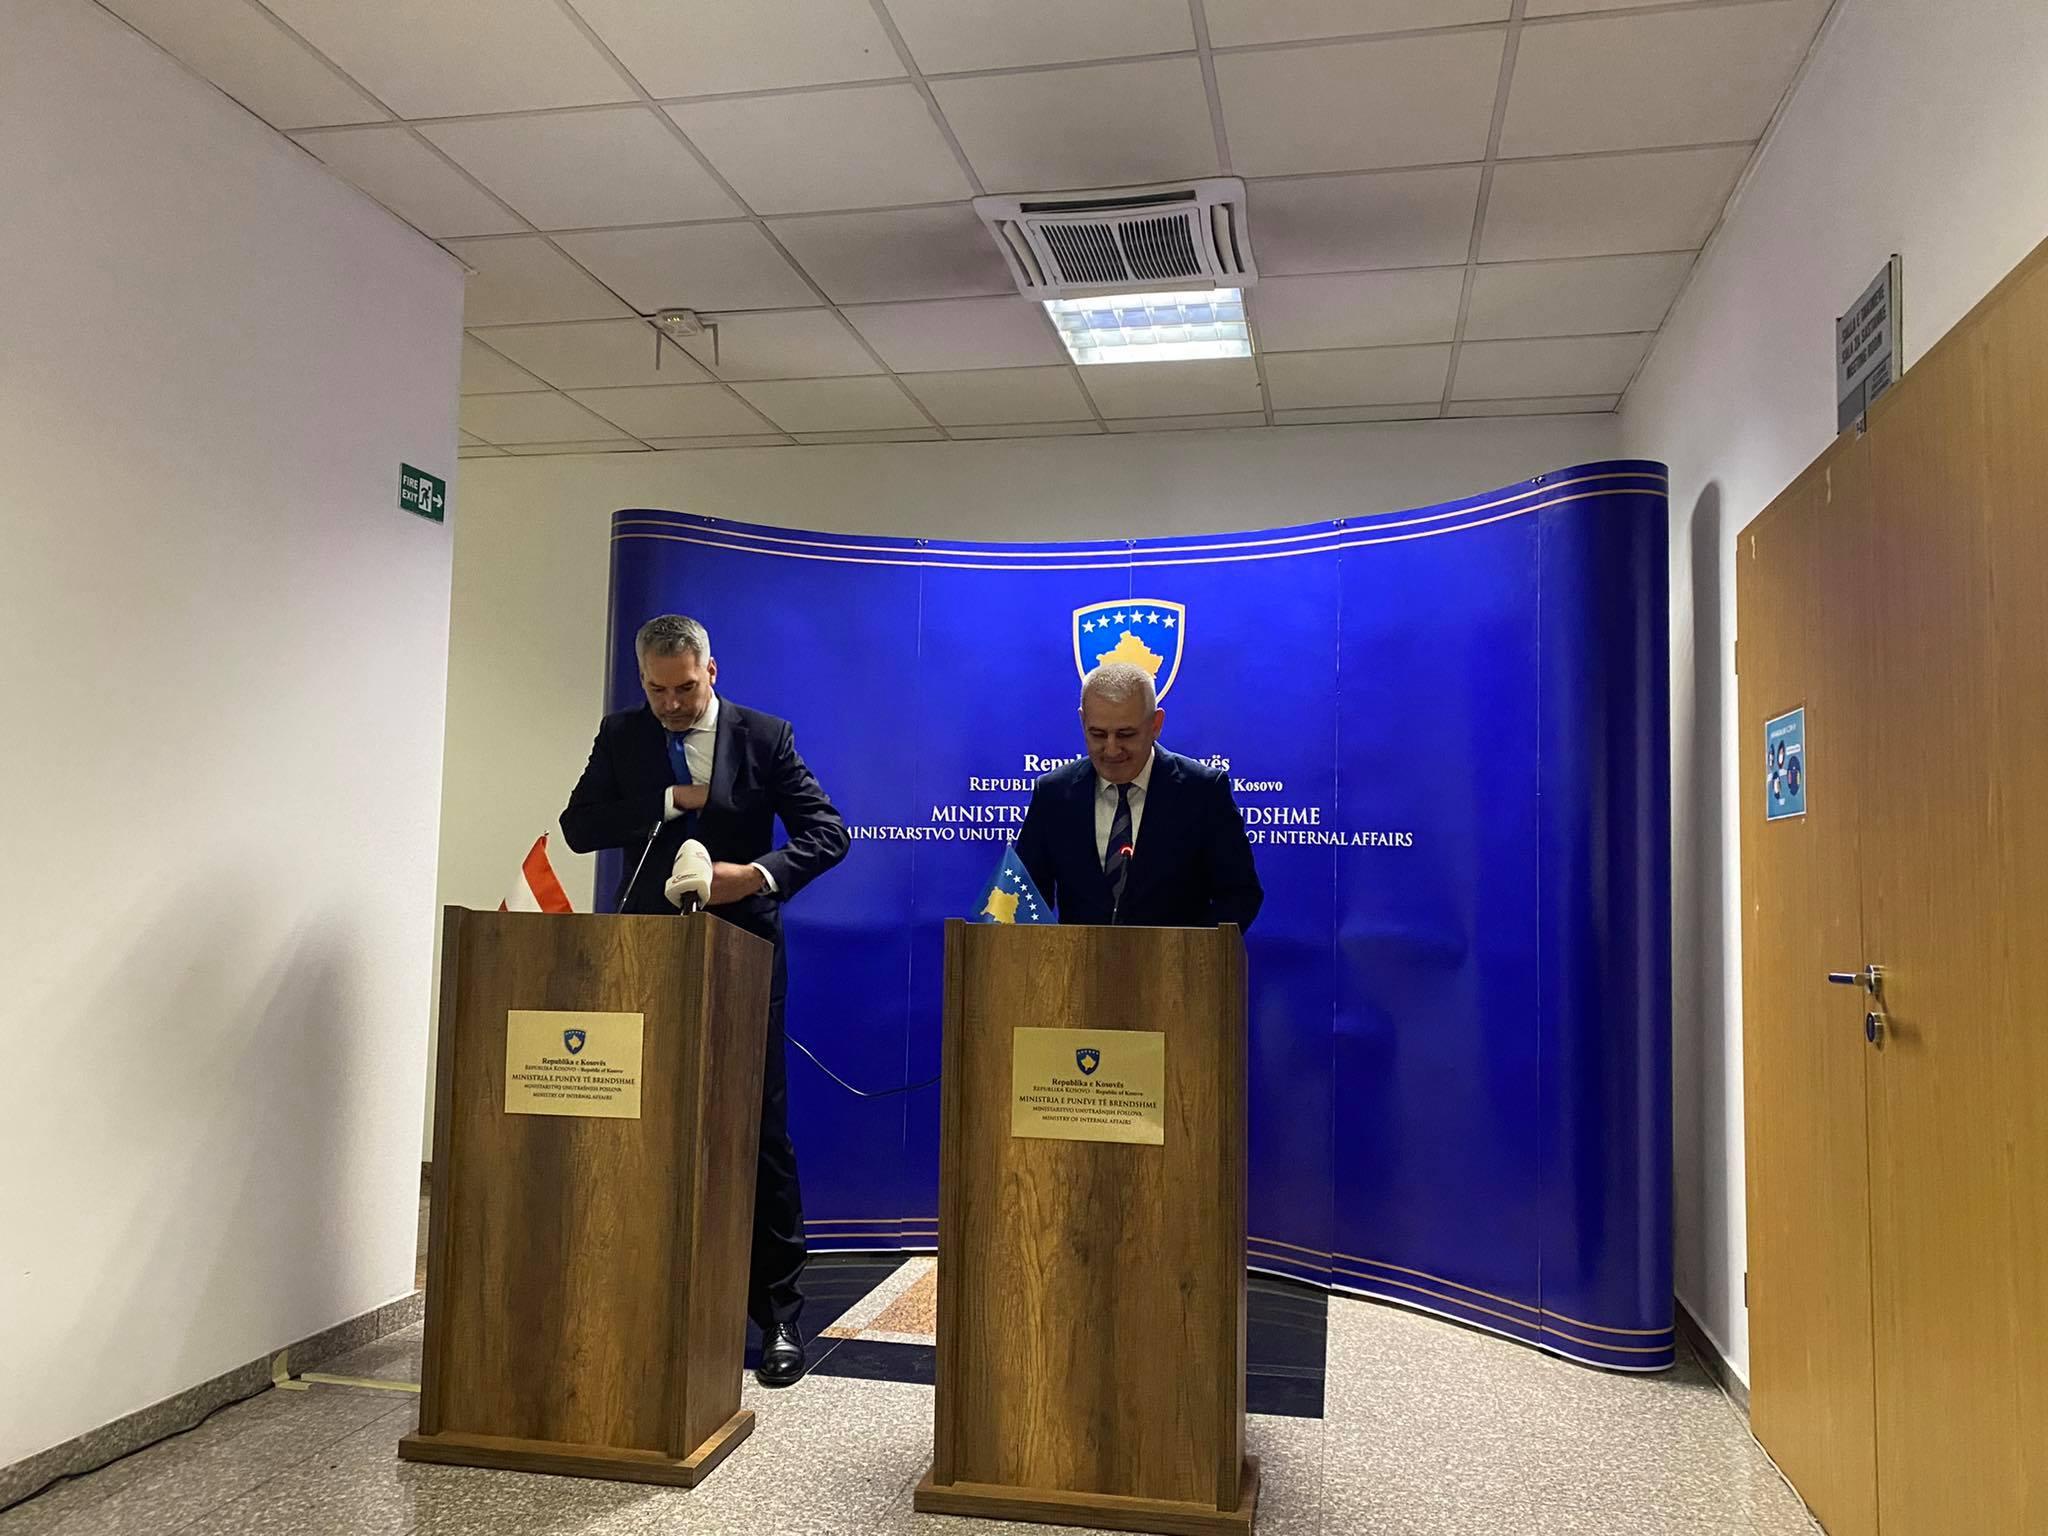 Sveçla: Prania e Policisë nuk është provokim, ka ashpërsim të retorikës nga Serbia